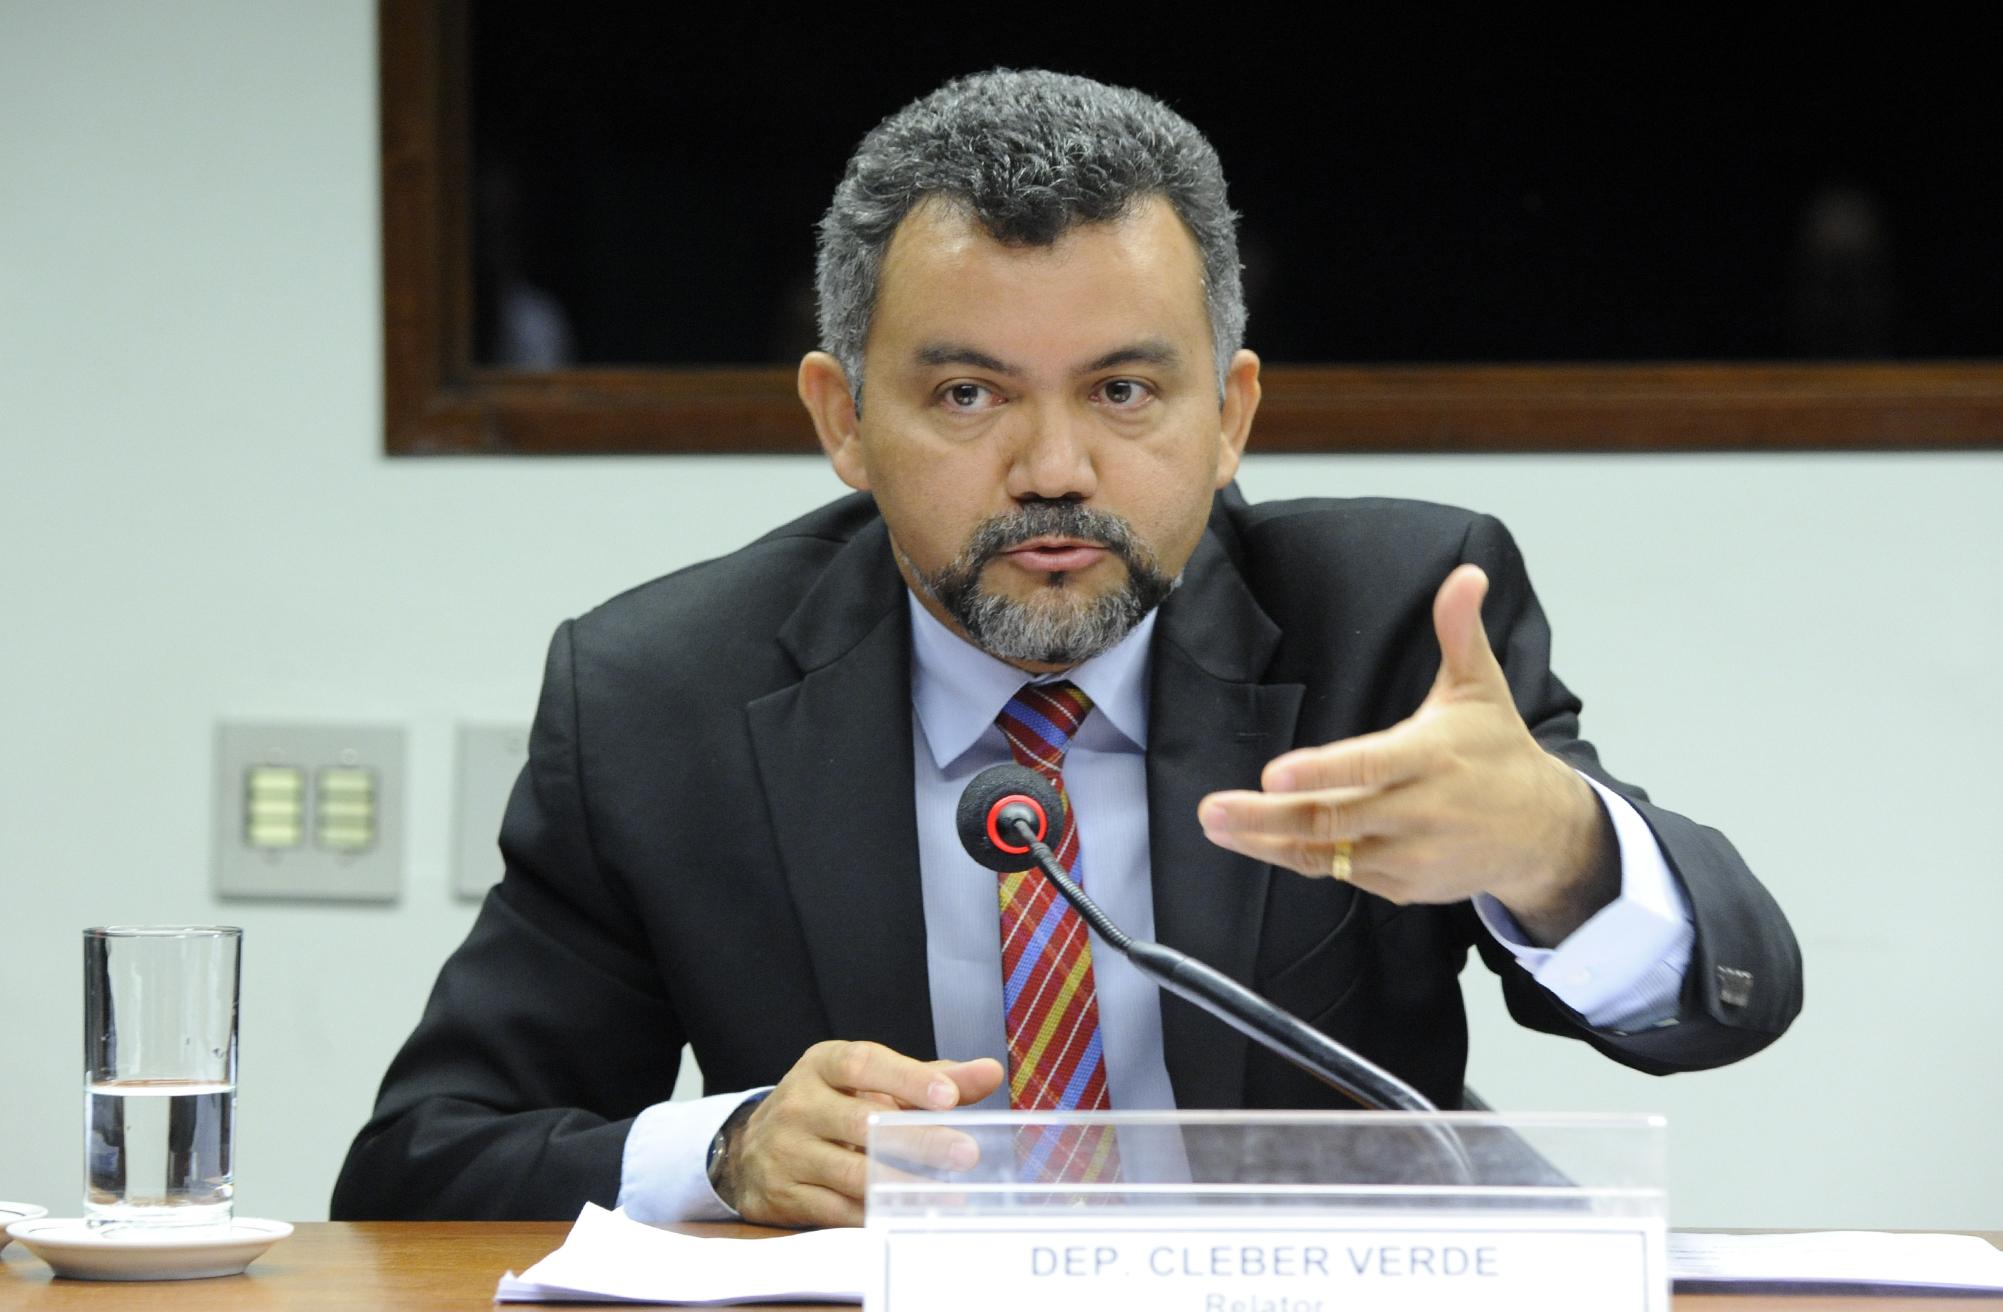 Reunião para discussão e votação do parecer do Relator, dep. Cleber Verde (PRB-MA)